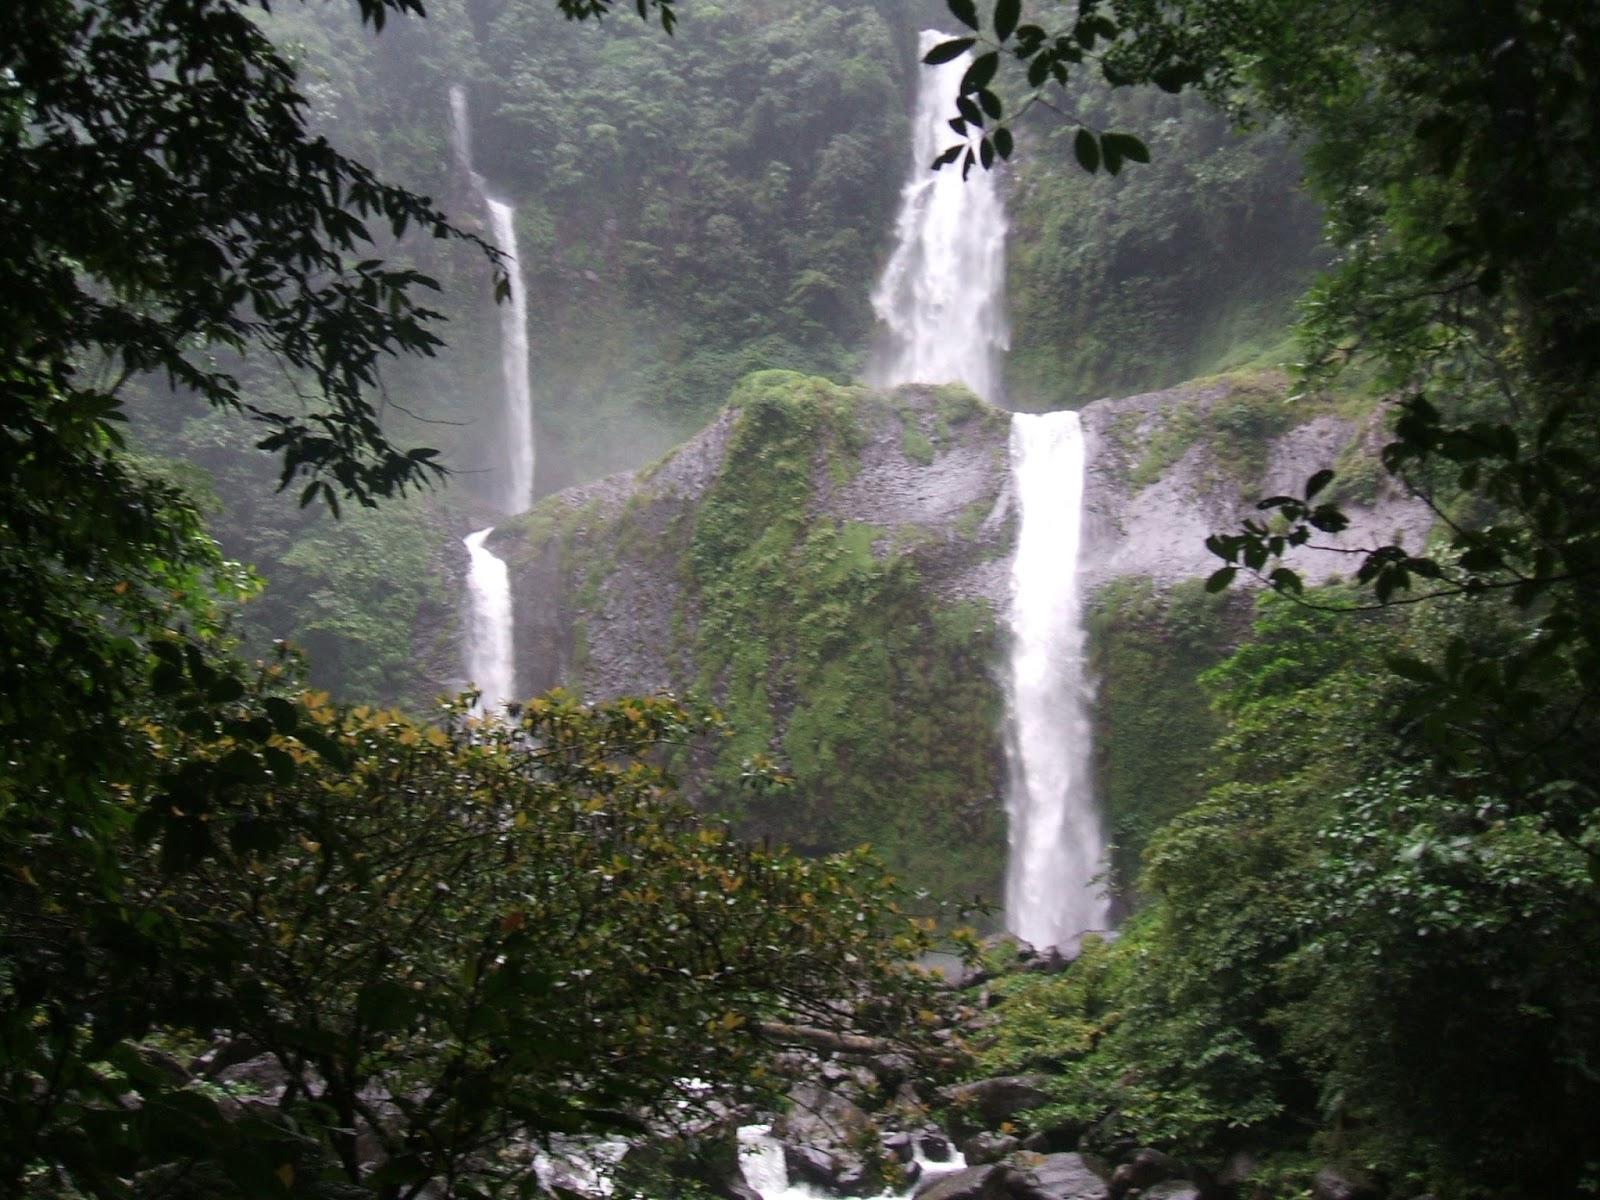 Air Terjun Curug 9: Destinasi Wisata yang Tersembunyi (Explore